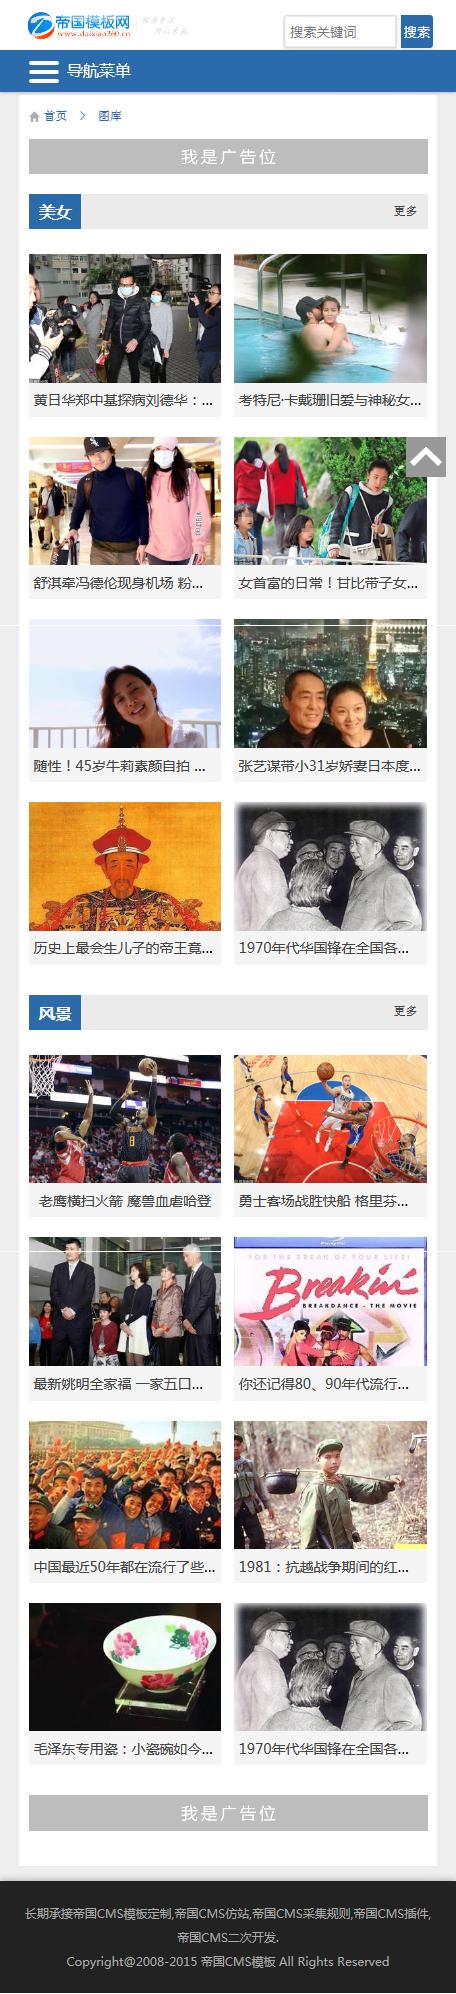 帝国cms自适应模板之蓝色新闻资讯类文章图库模板_手机版图库频道模板